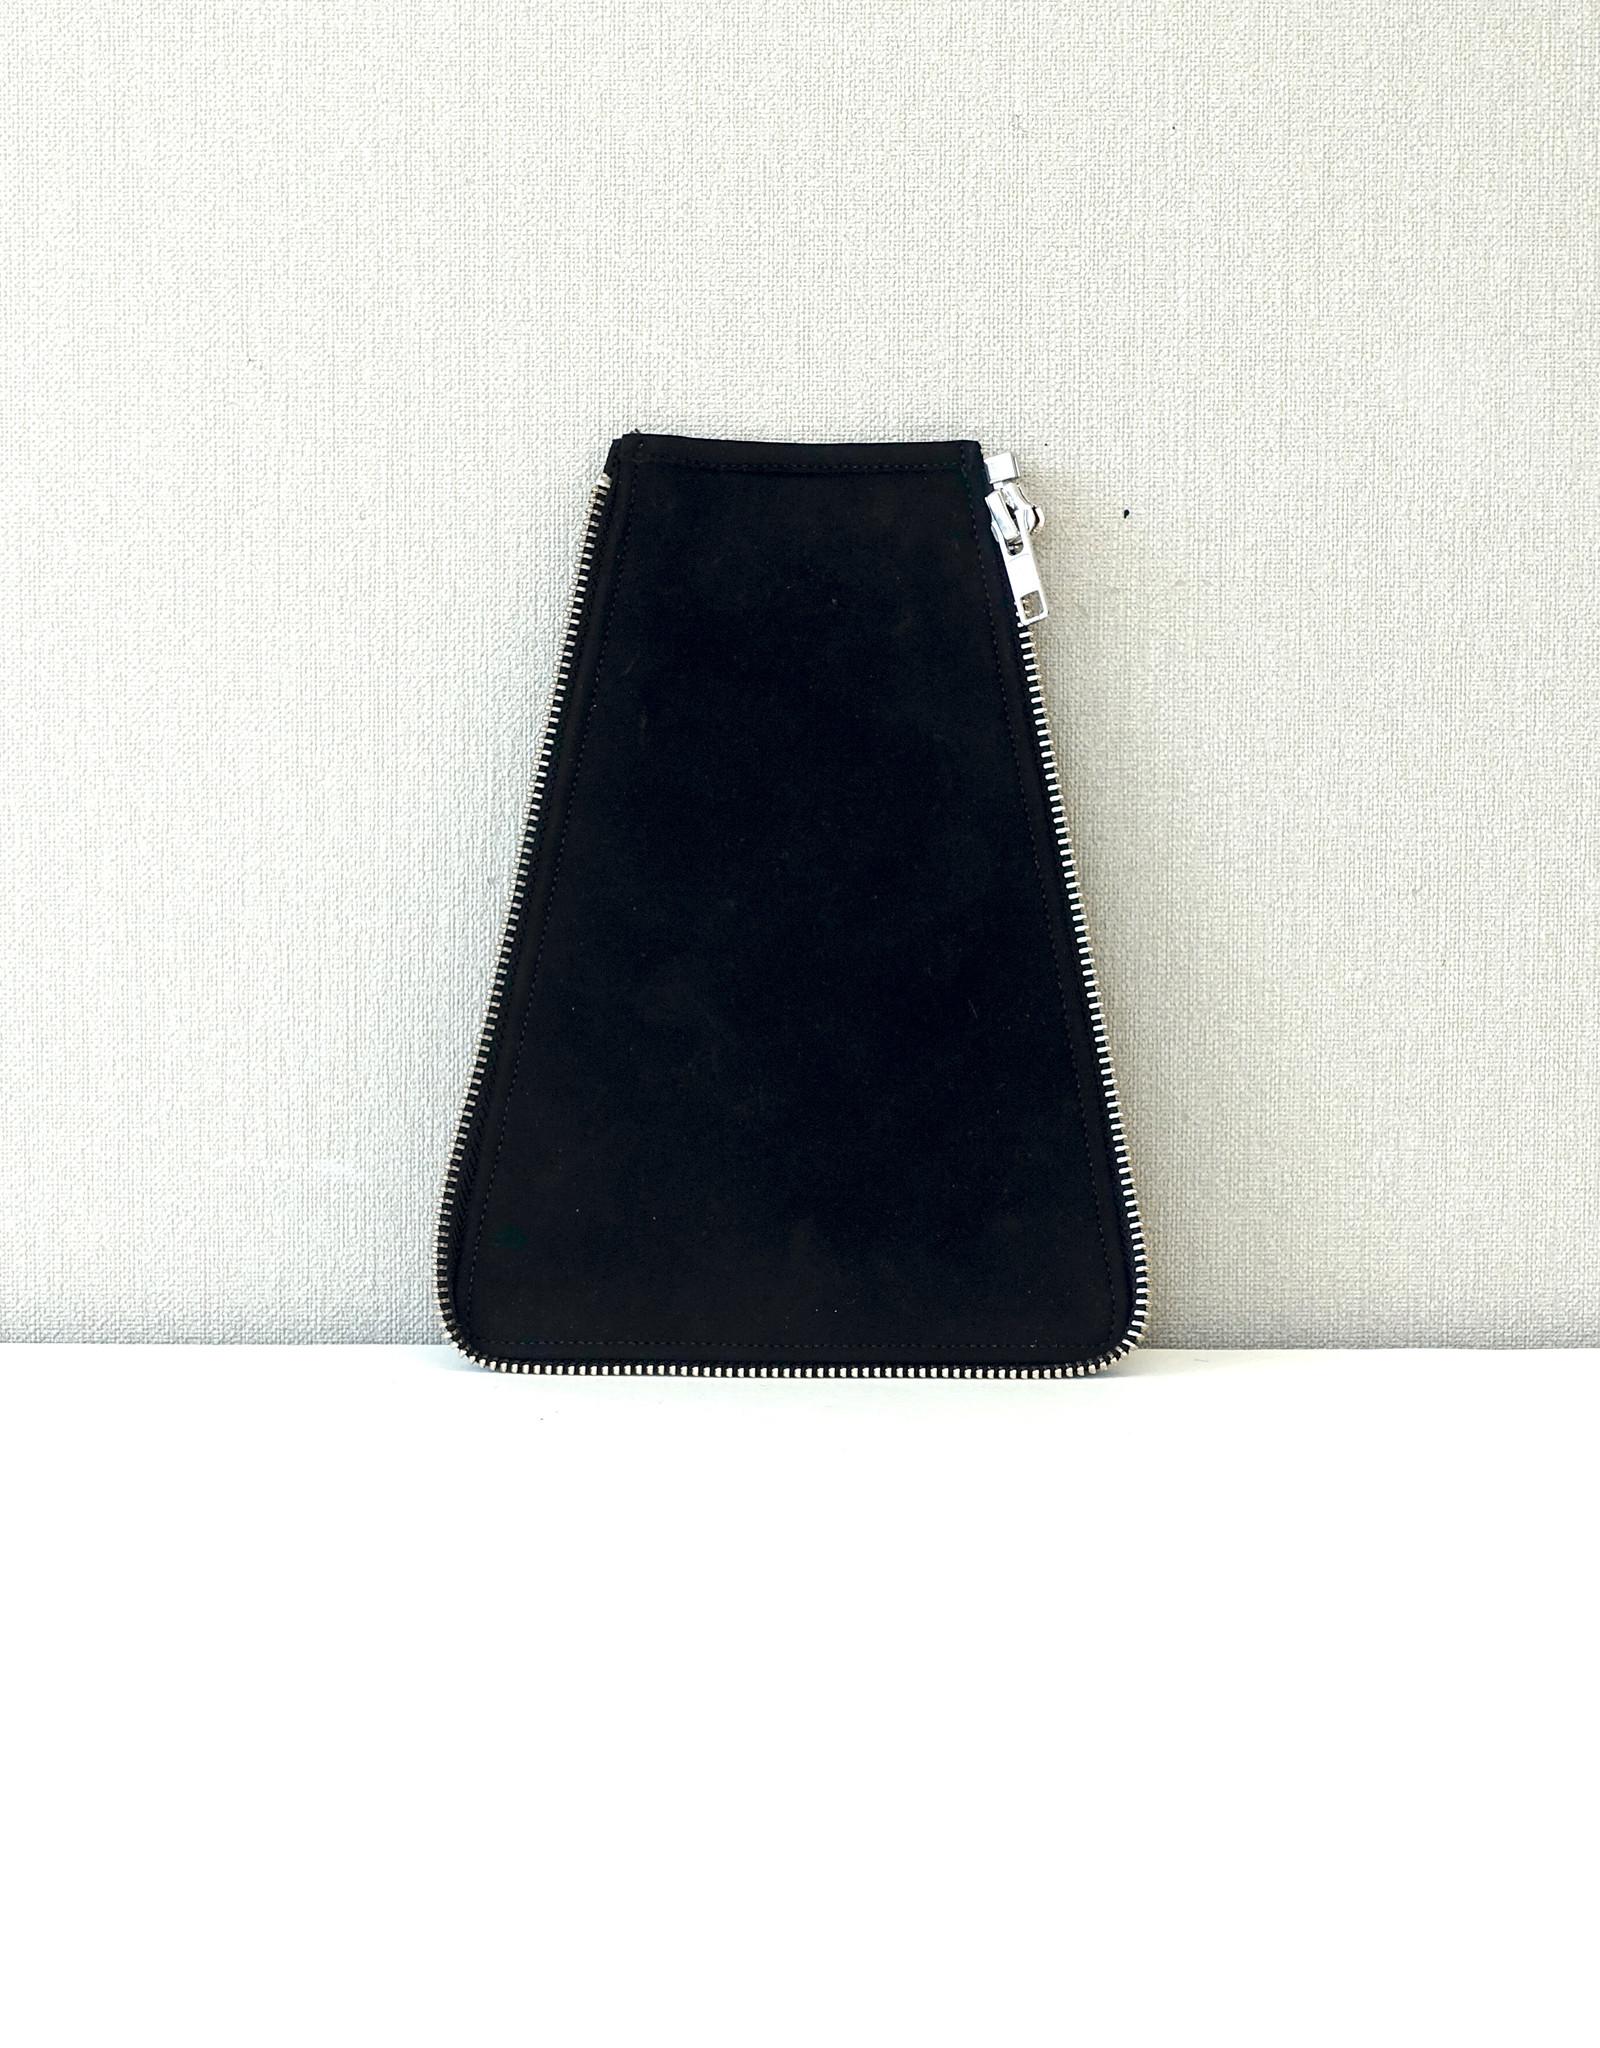 Zijkant maat 2, zwart suede